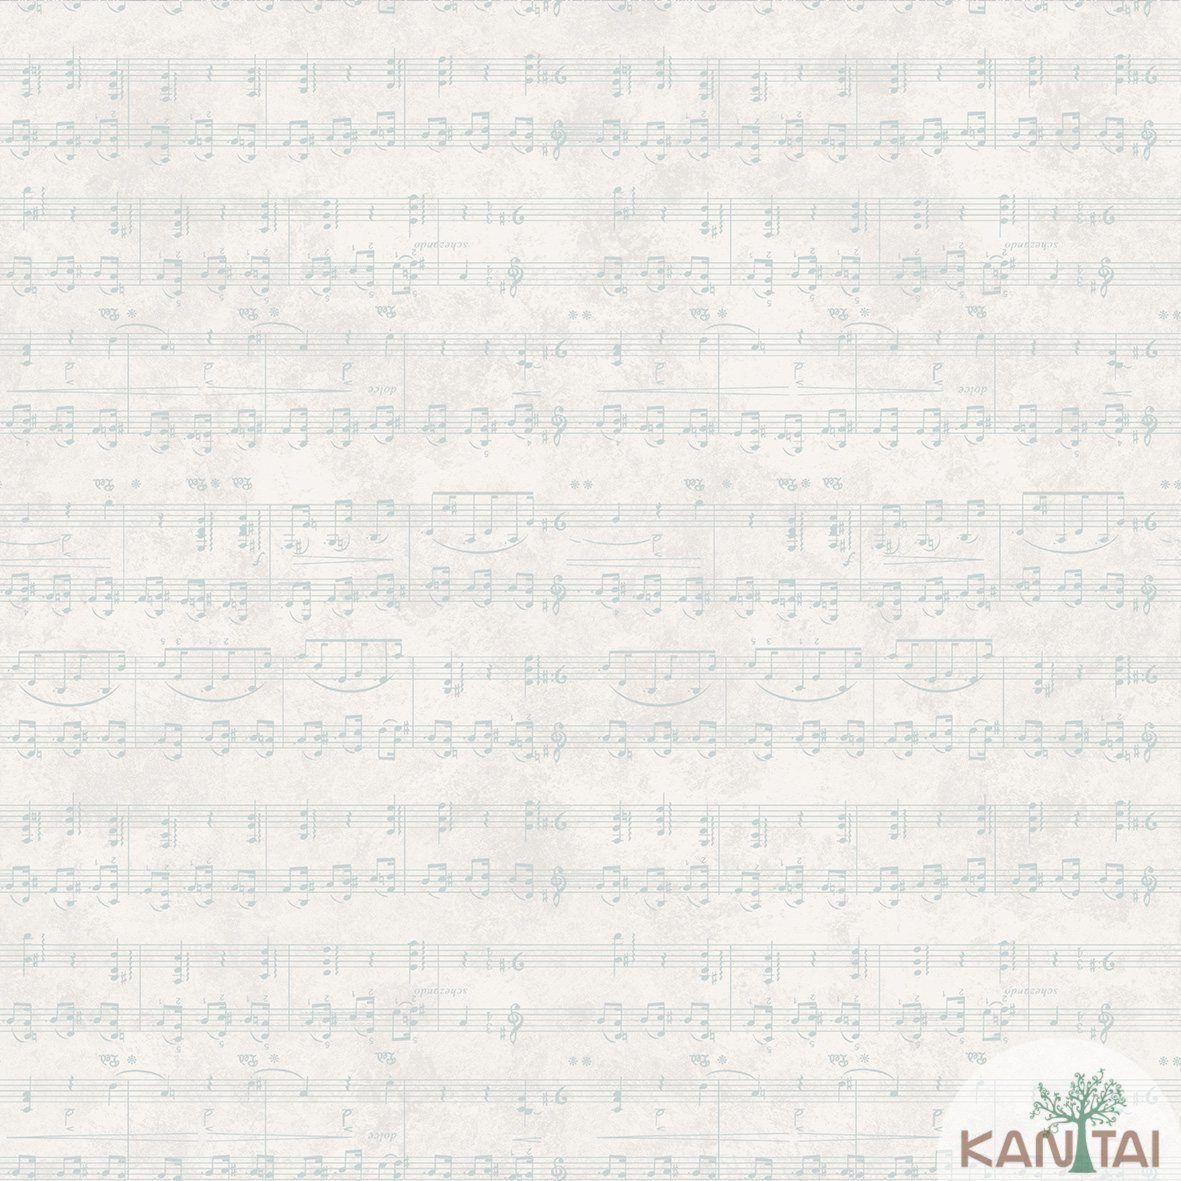 Papel de Parede   Kan Tai Vinilico Coleção Style Notas Musicais Marfim, Cinza